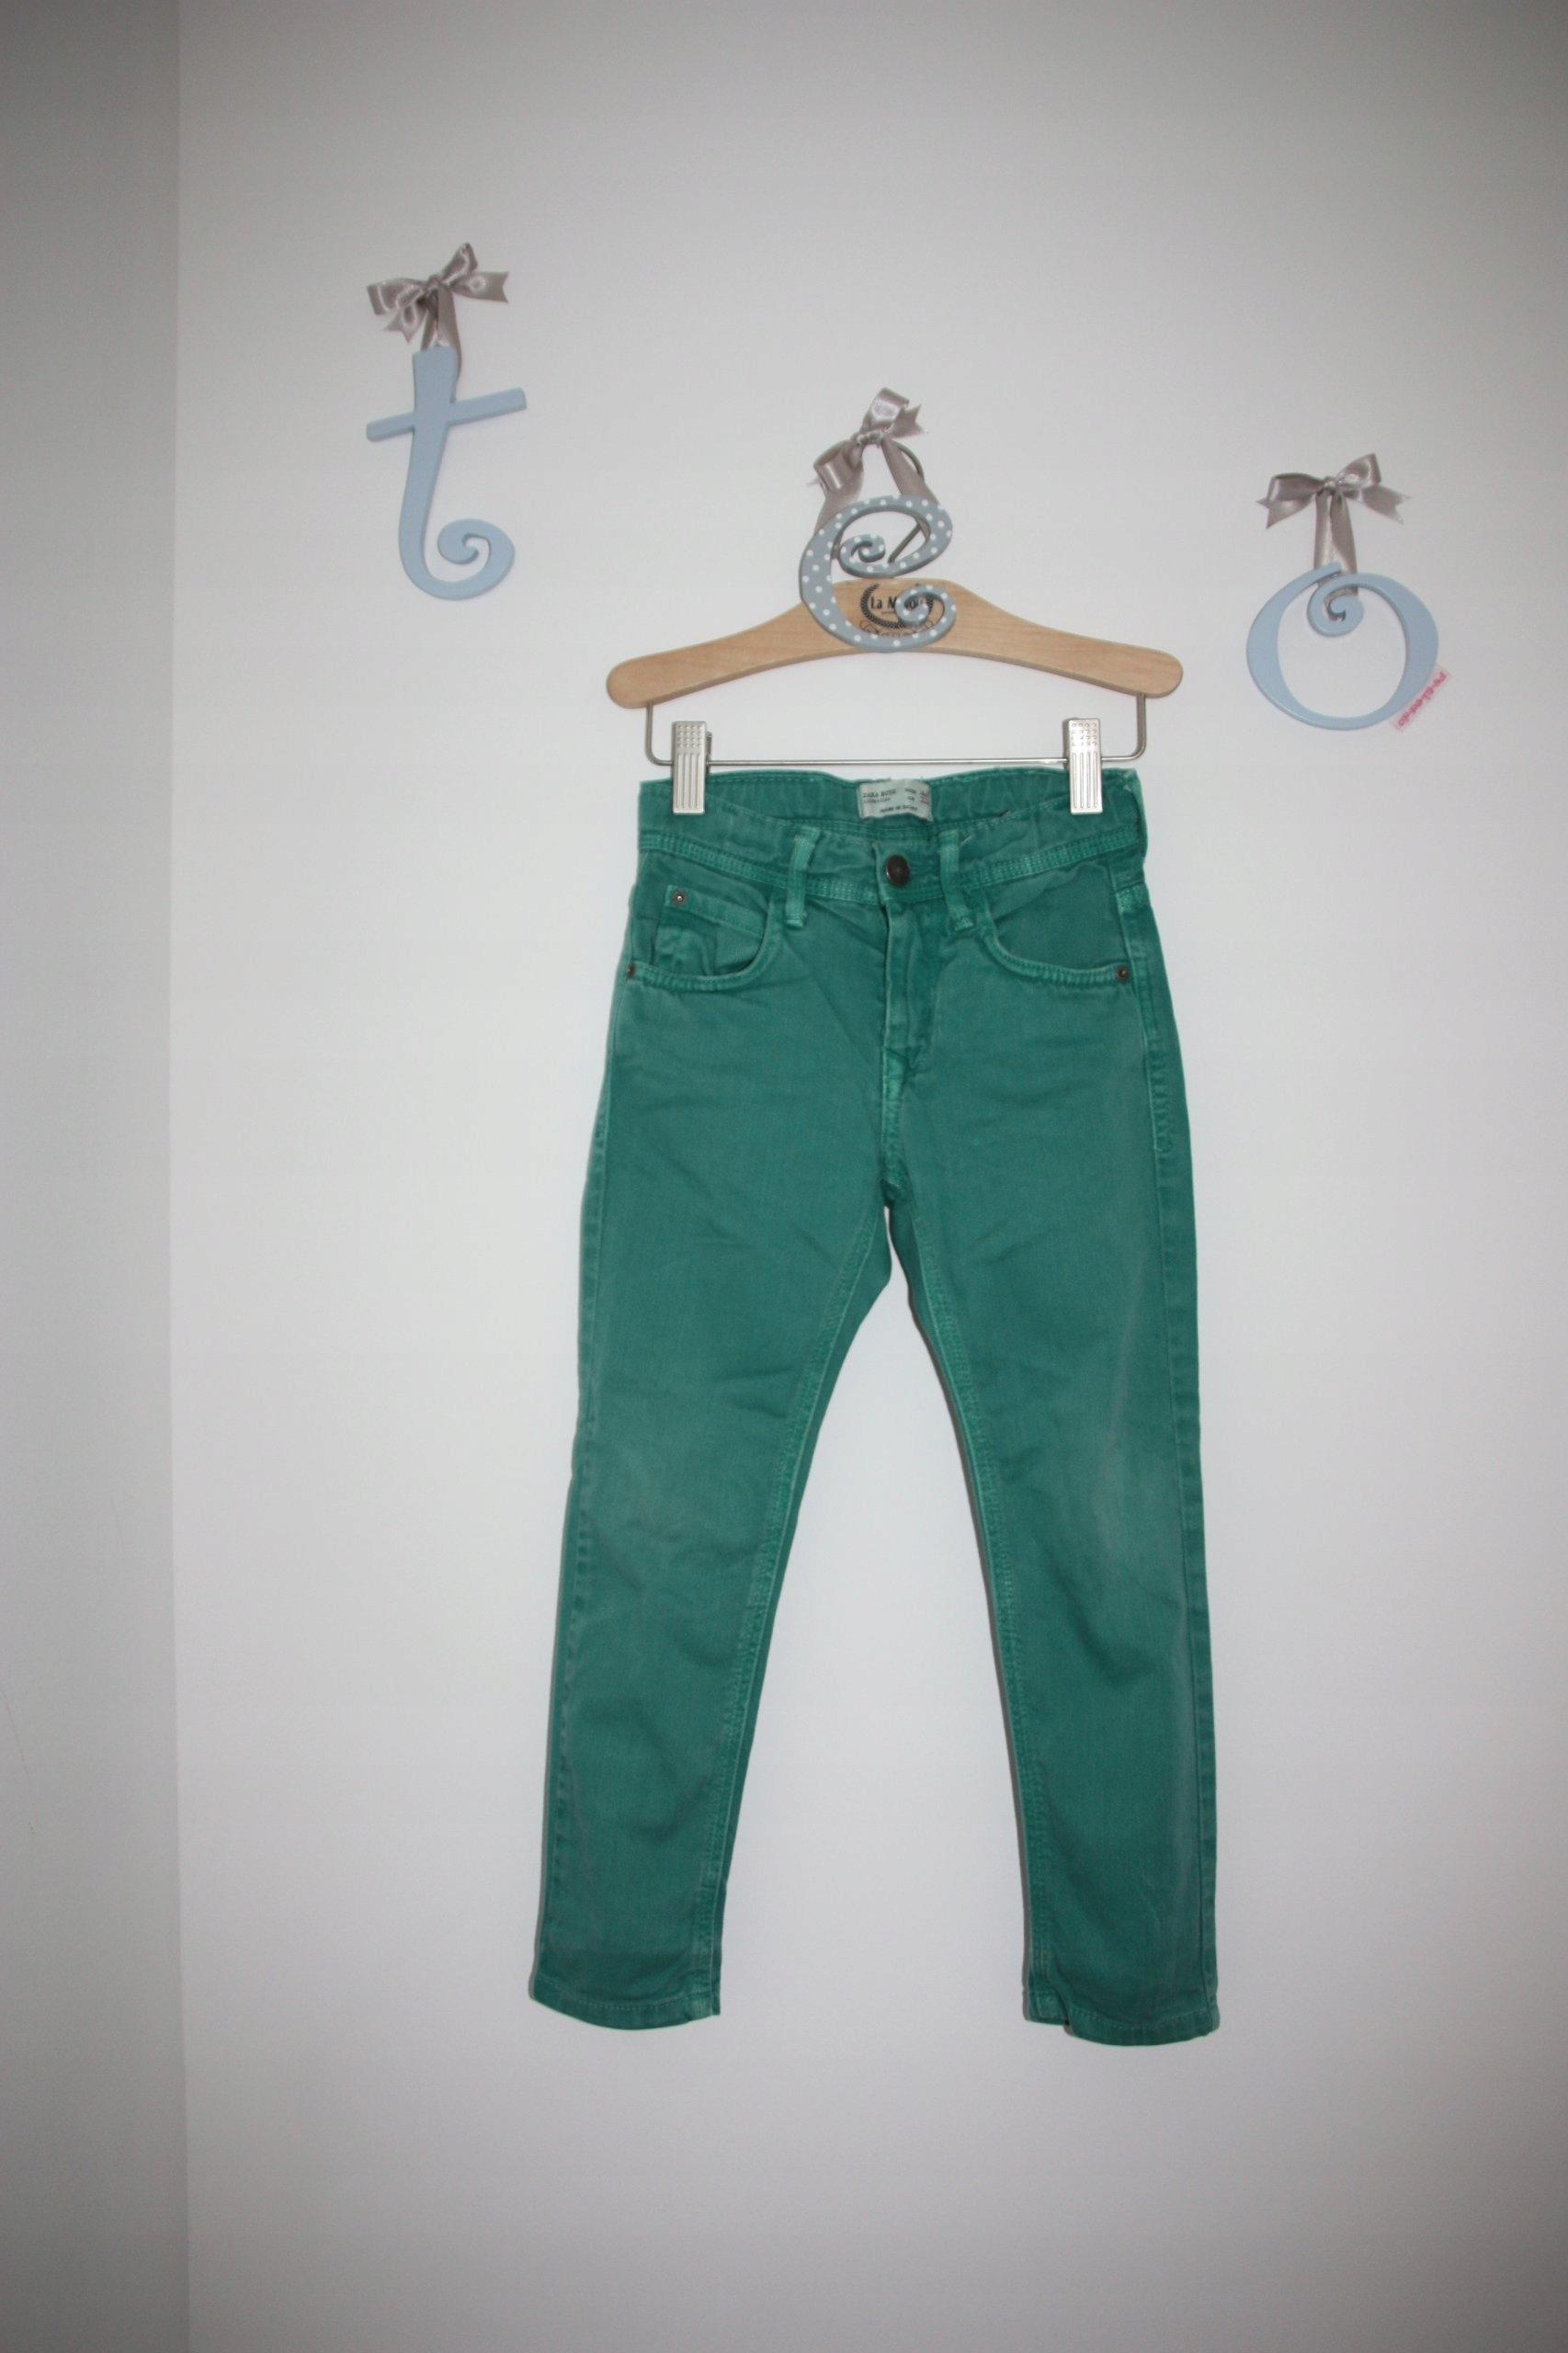 14c887c0da3a Spodnie rurki Zara rozmiar 110 na 4 5 lat - 7582409469 - oficjalne ...